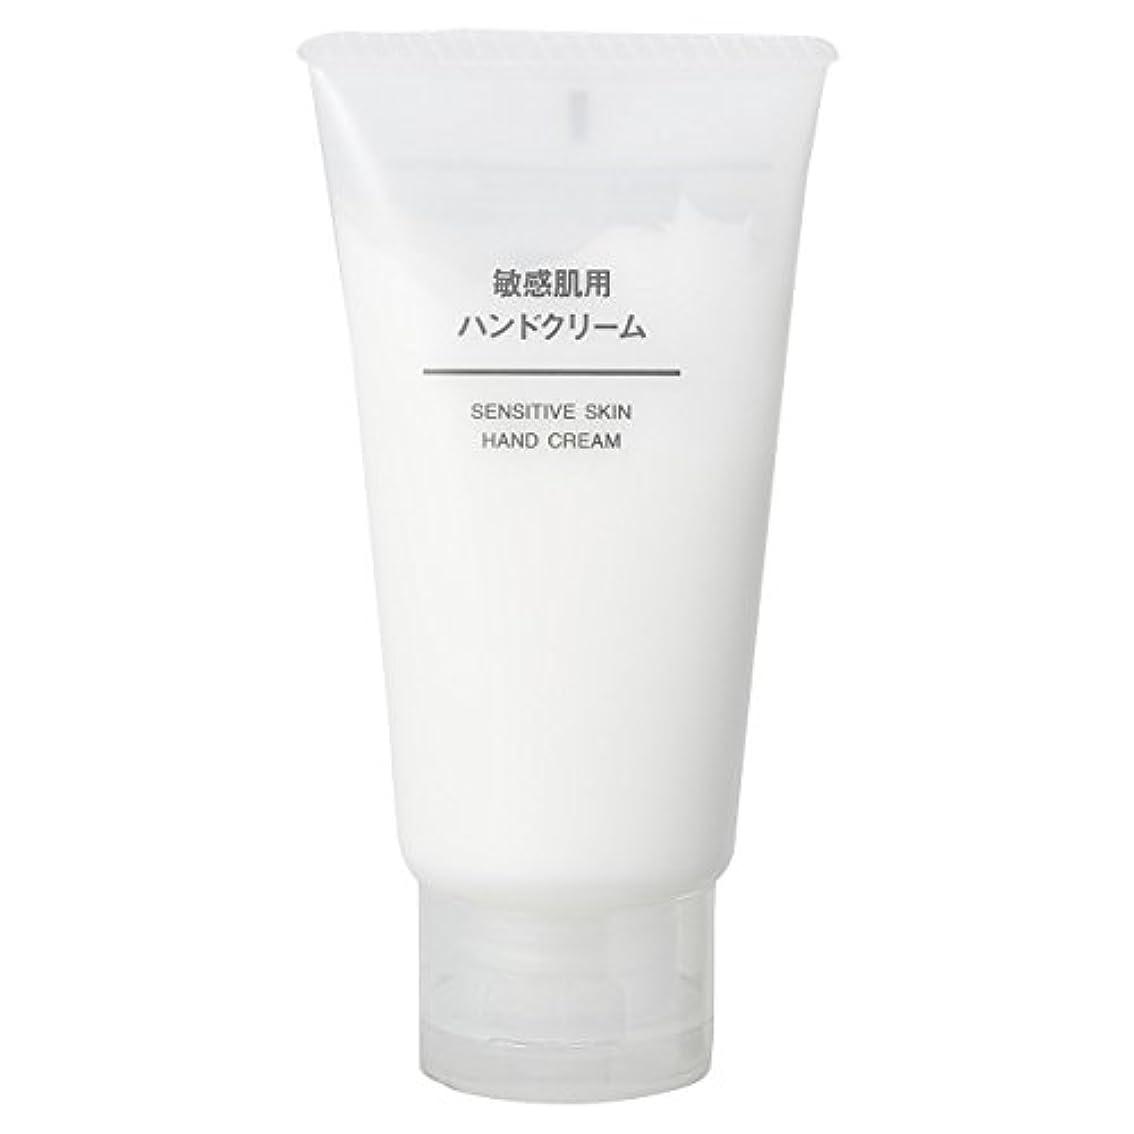 かる書道寄生虫無印良品 敏感肌用 ハンドクリーム 50g 日本製